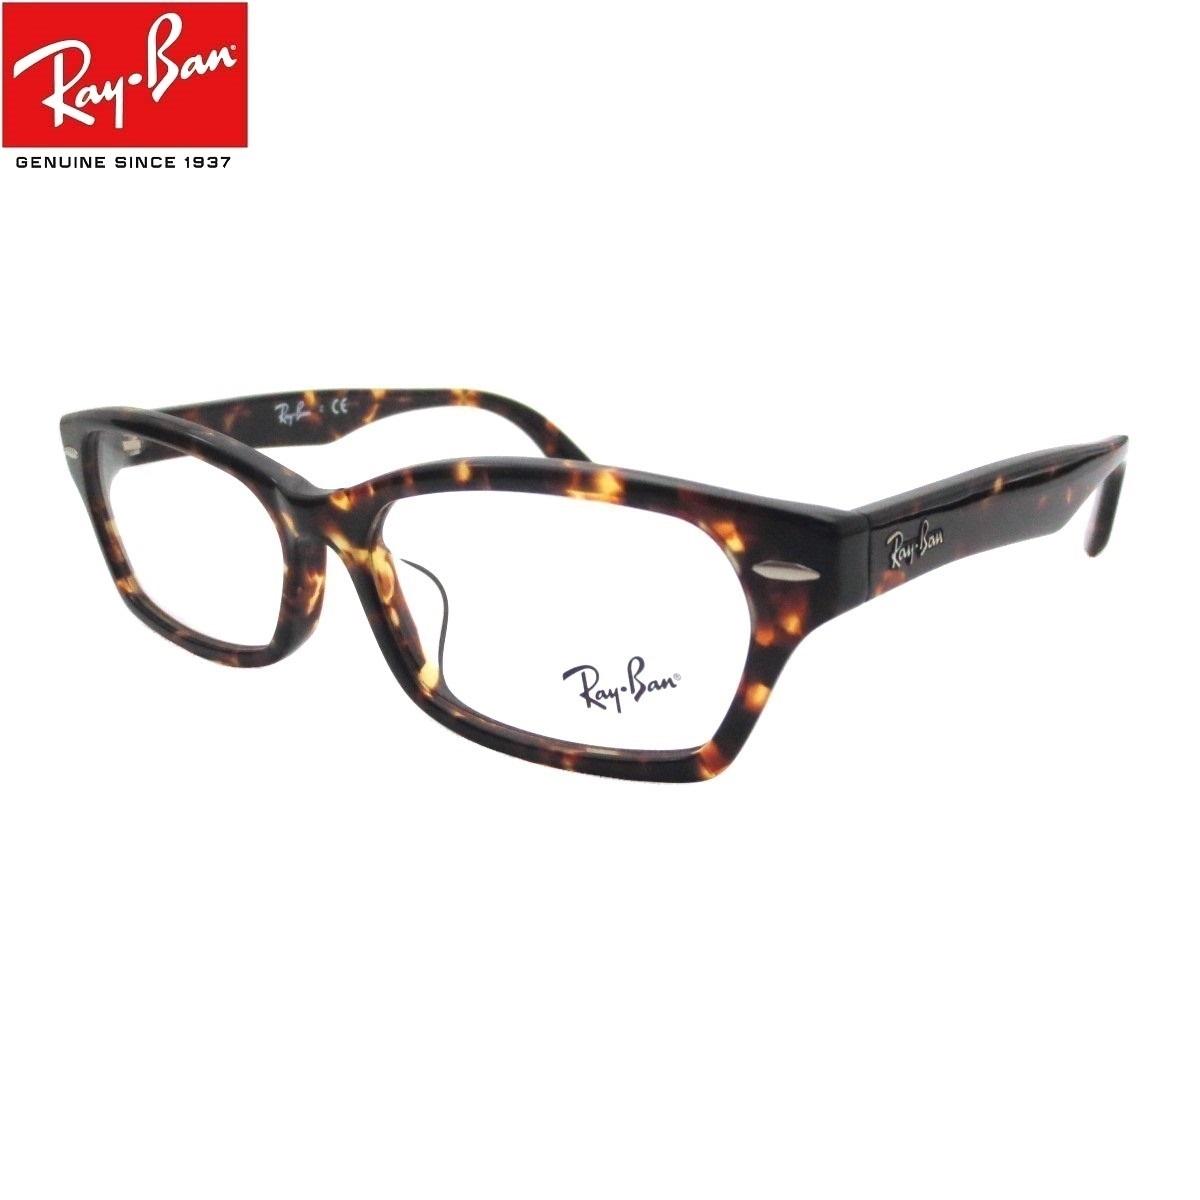 UVカットレンズ付 レイバン 伊達メガネ UV400レンズ付メガネ メガネフレーム眼鏡 Ray-Ban RX5344D 2243(55) クリアレンズ 近視 乱視 老眼鏡 ブルーライトRX5130に近いデザイン【ミラリジャパンメーカー保証書付】